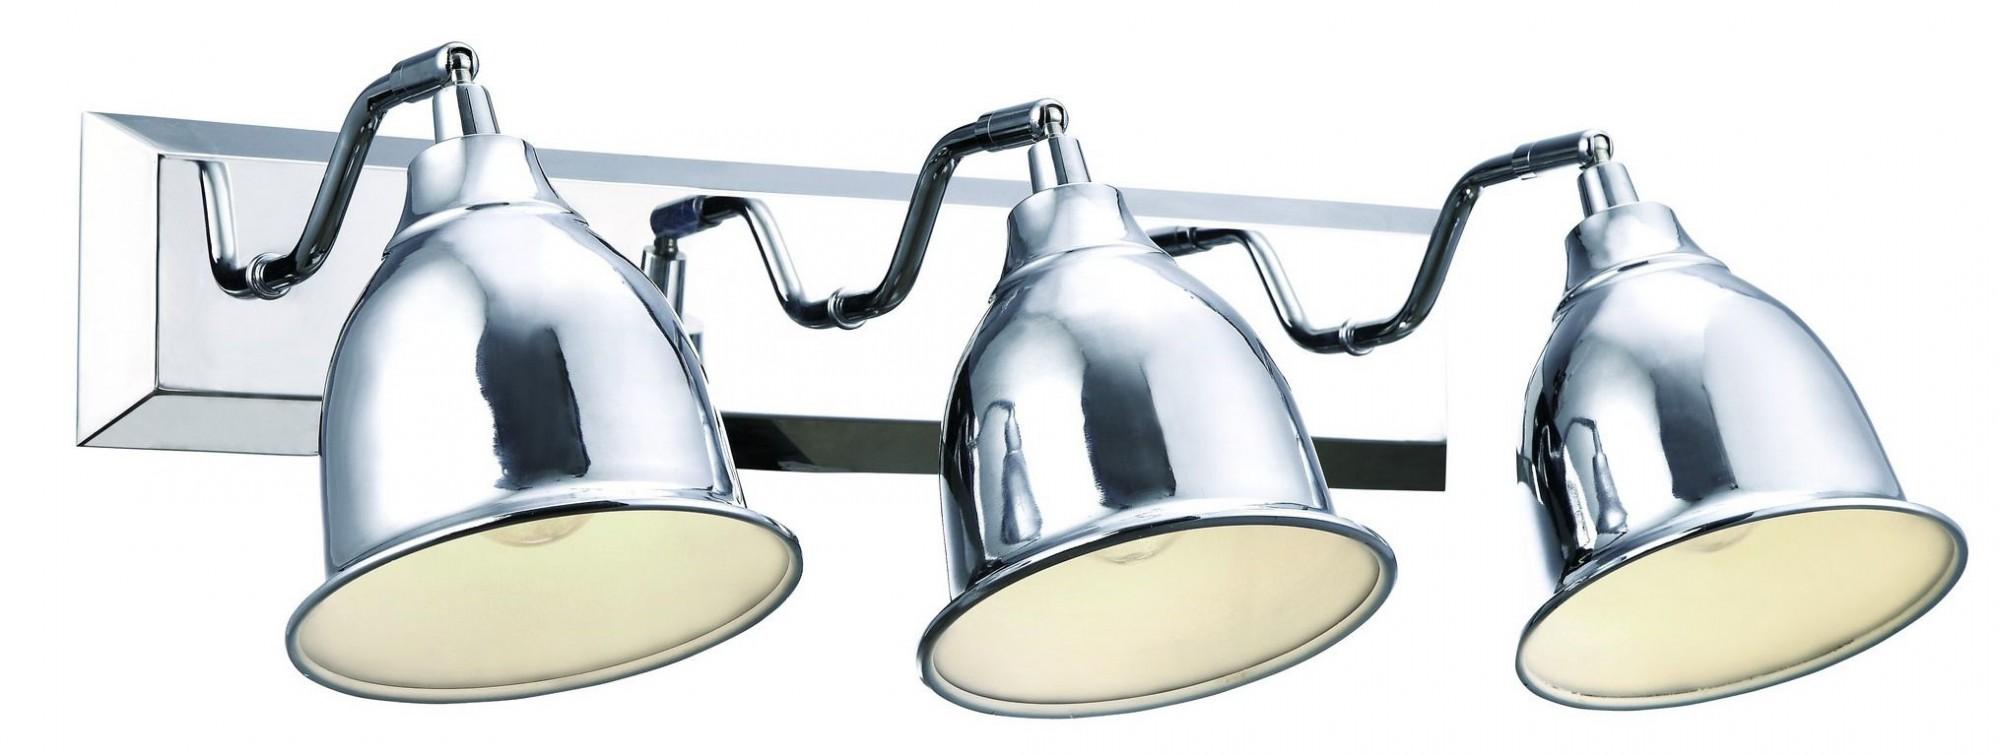 Фото товара A9557AP-3CC Arte Lamp